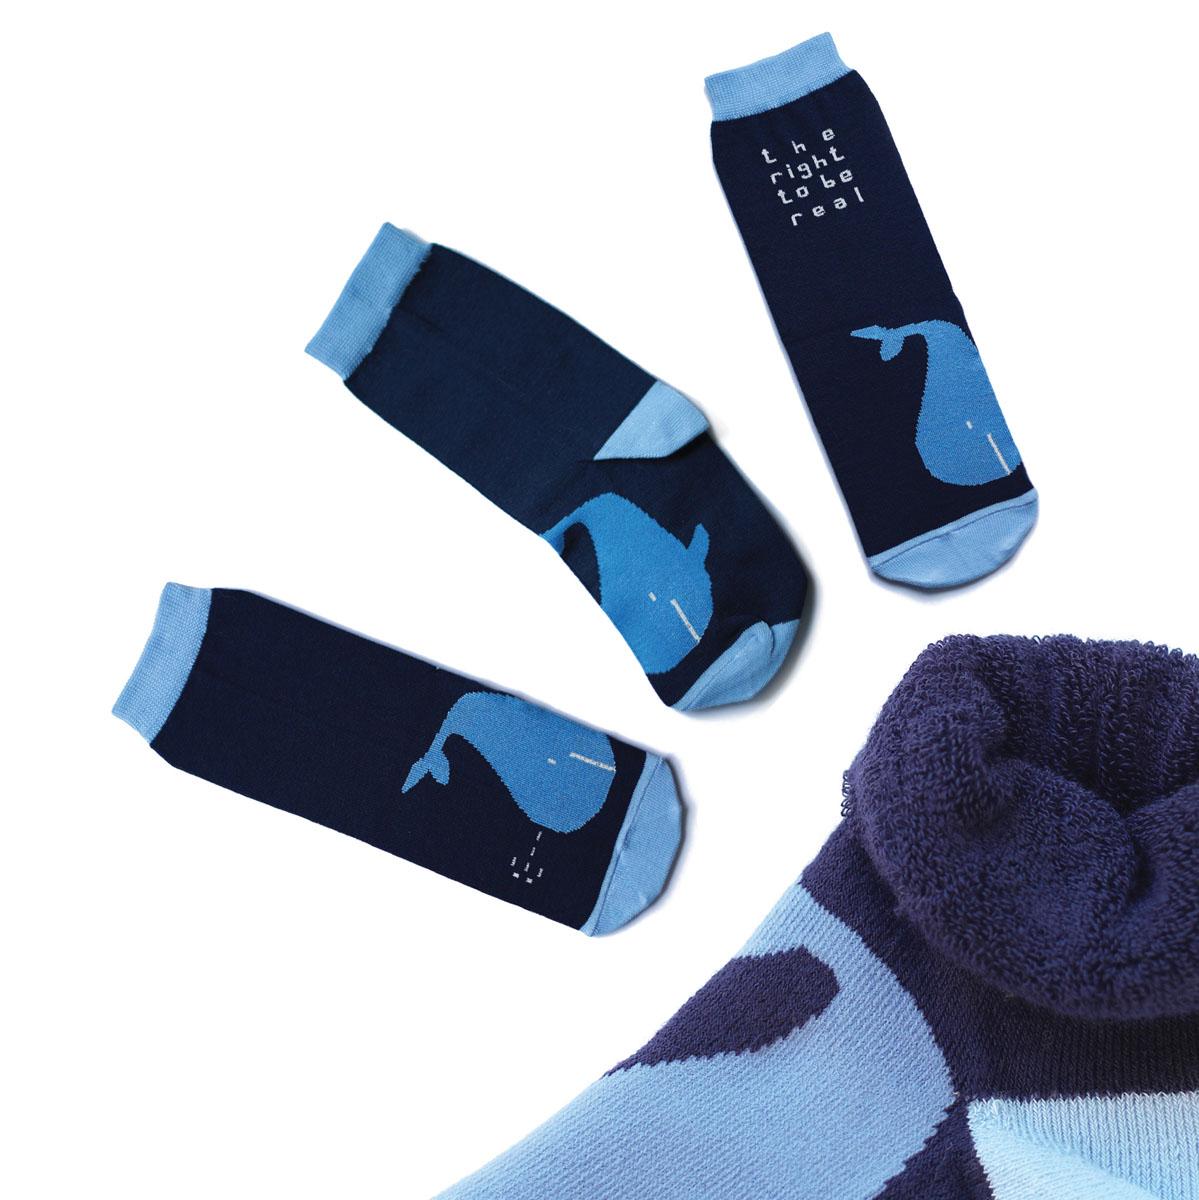 Носки женские Big Bang Socks, цвет: голубой, темно-синий. ca1323. Размер 35/39ca1323Яркие женские носки Big Bang Socks изготовлены из высококачественного хлопка с добавлением полиамидных и эластановых волокон, которые обеспечивают великолепную посадку. Носки отличаются ярким стильным дизайном. Они оформлены изображением кита и надписью на английском языке. Удобная резинка идеально облегает ногу и не пережимает сосуды, усиленные пятка и мысок повышают износоустойчивость носка, а удлиненный паголенок придает более эстетичный вид. Дизайнерские носки Big Bang Socks - яркая деталь в вашем образе и оригинальный подарок для друзей и близких.